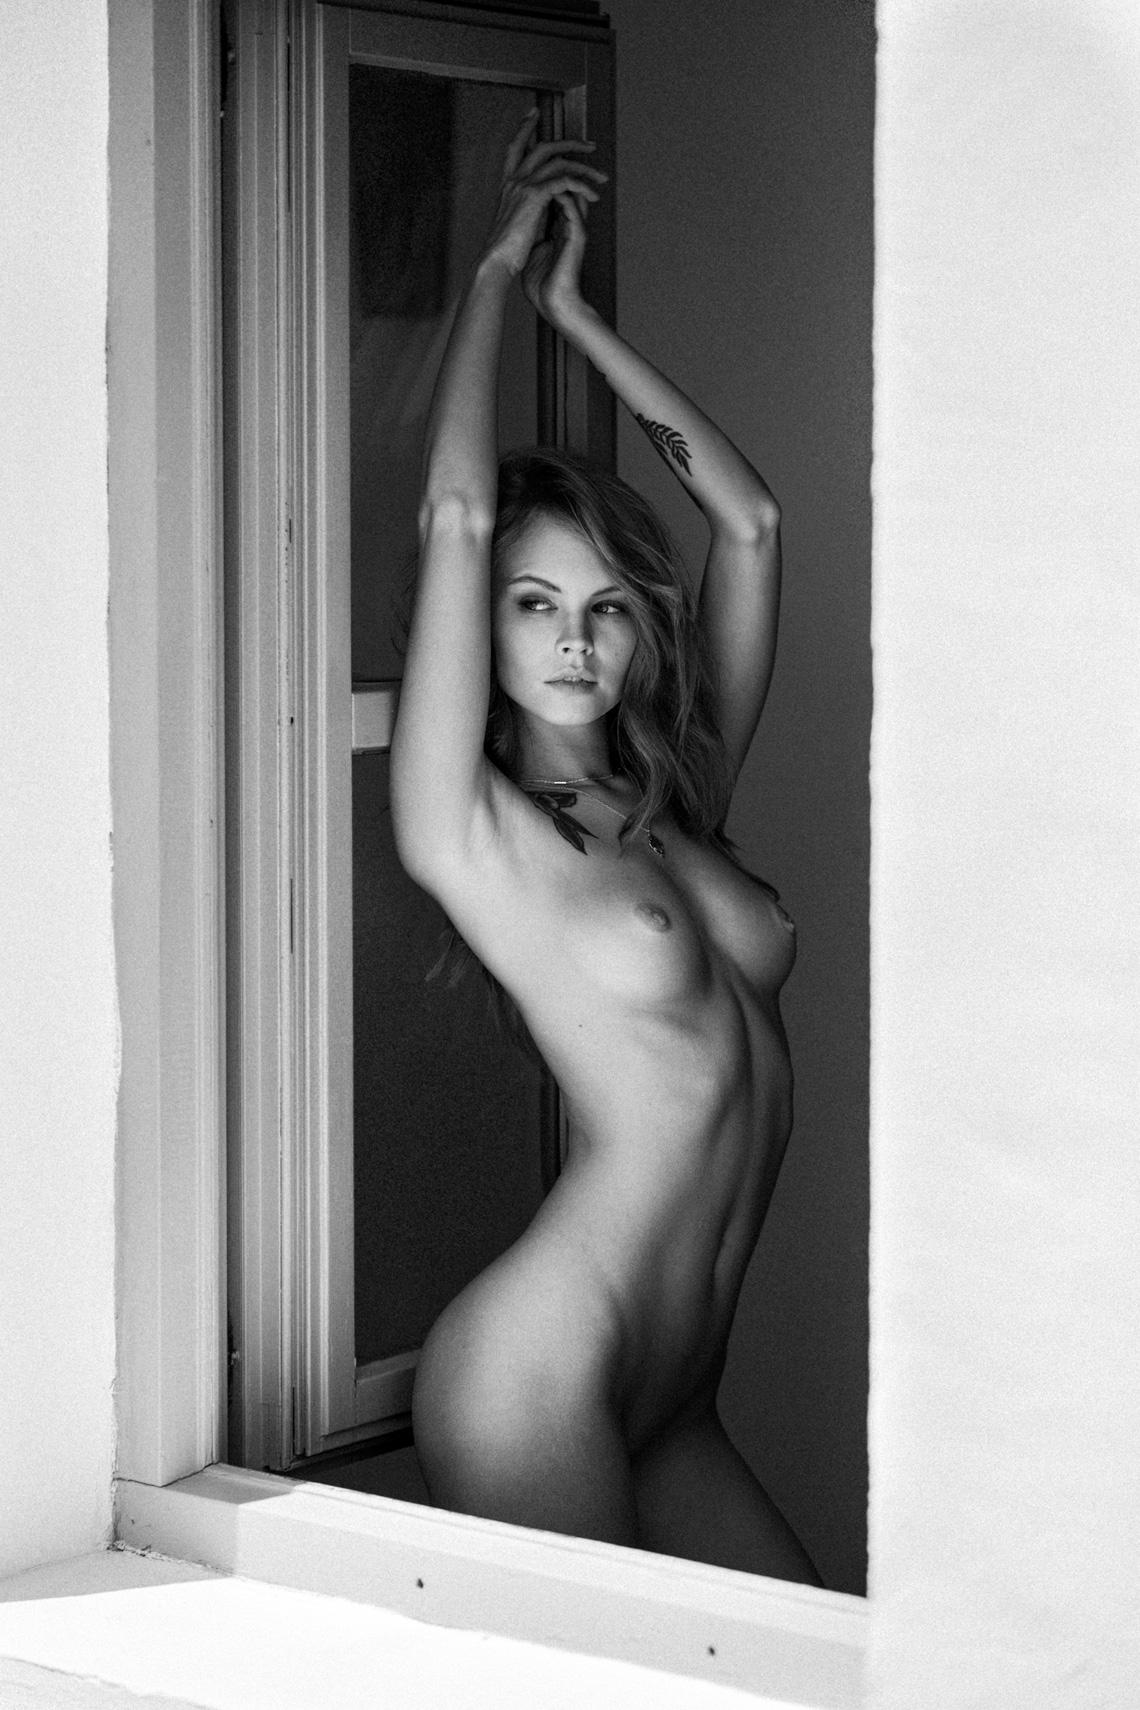 Anastasiya Scheglova by Sacha Leyendeckcer